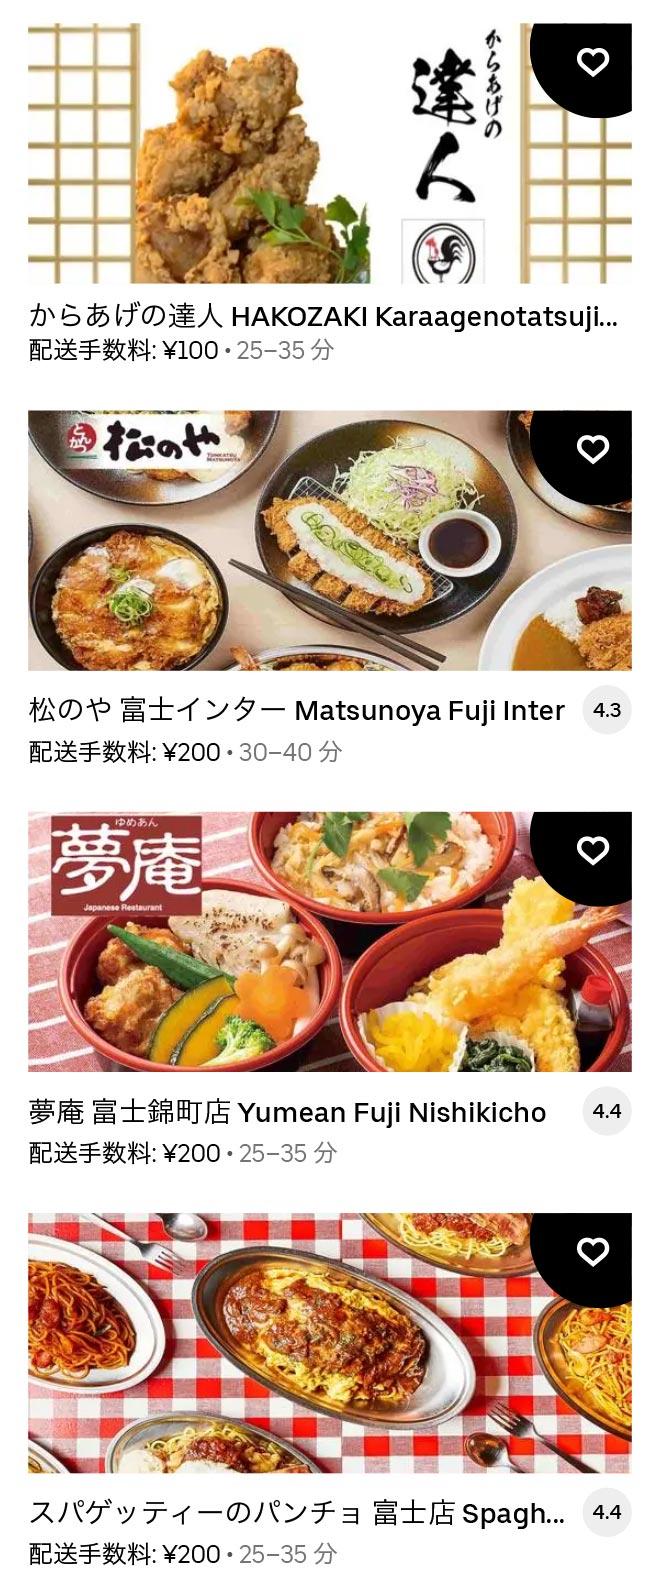 U fuji menu 2104 06